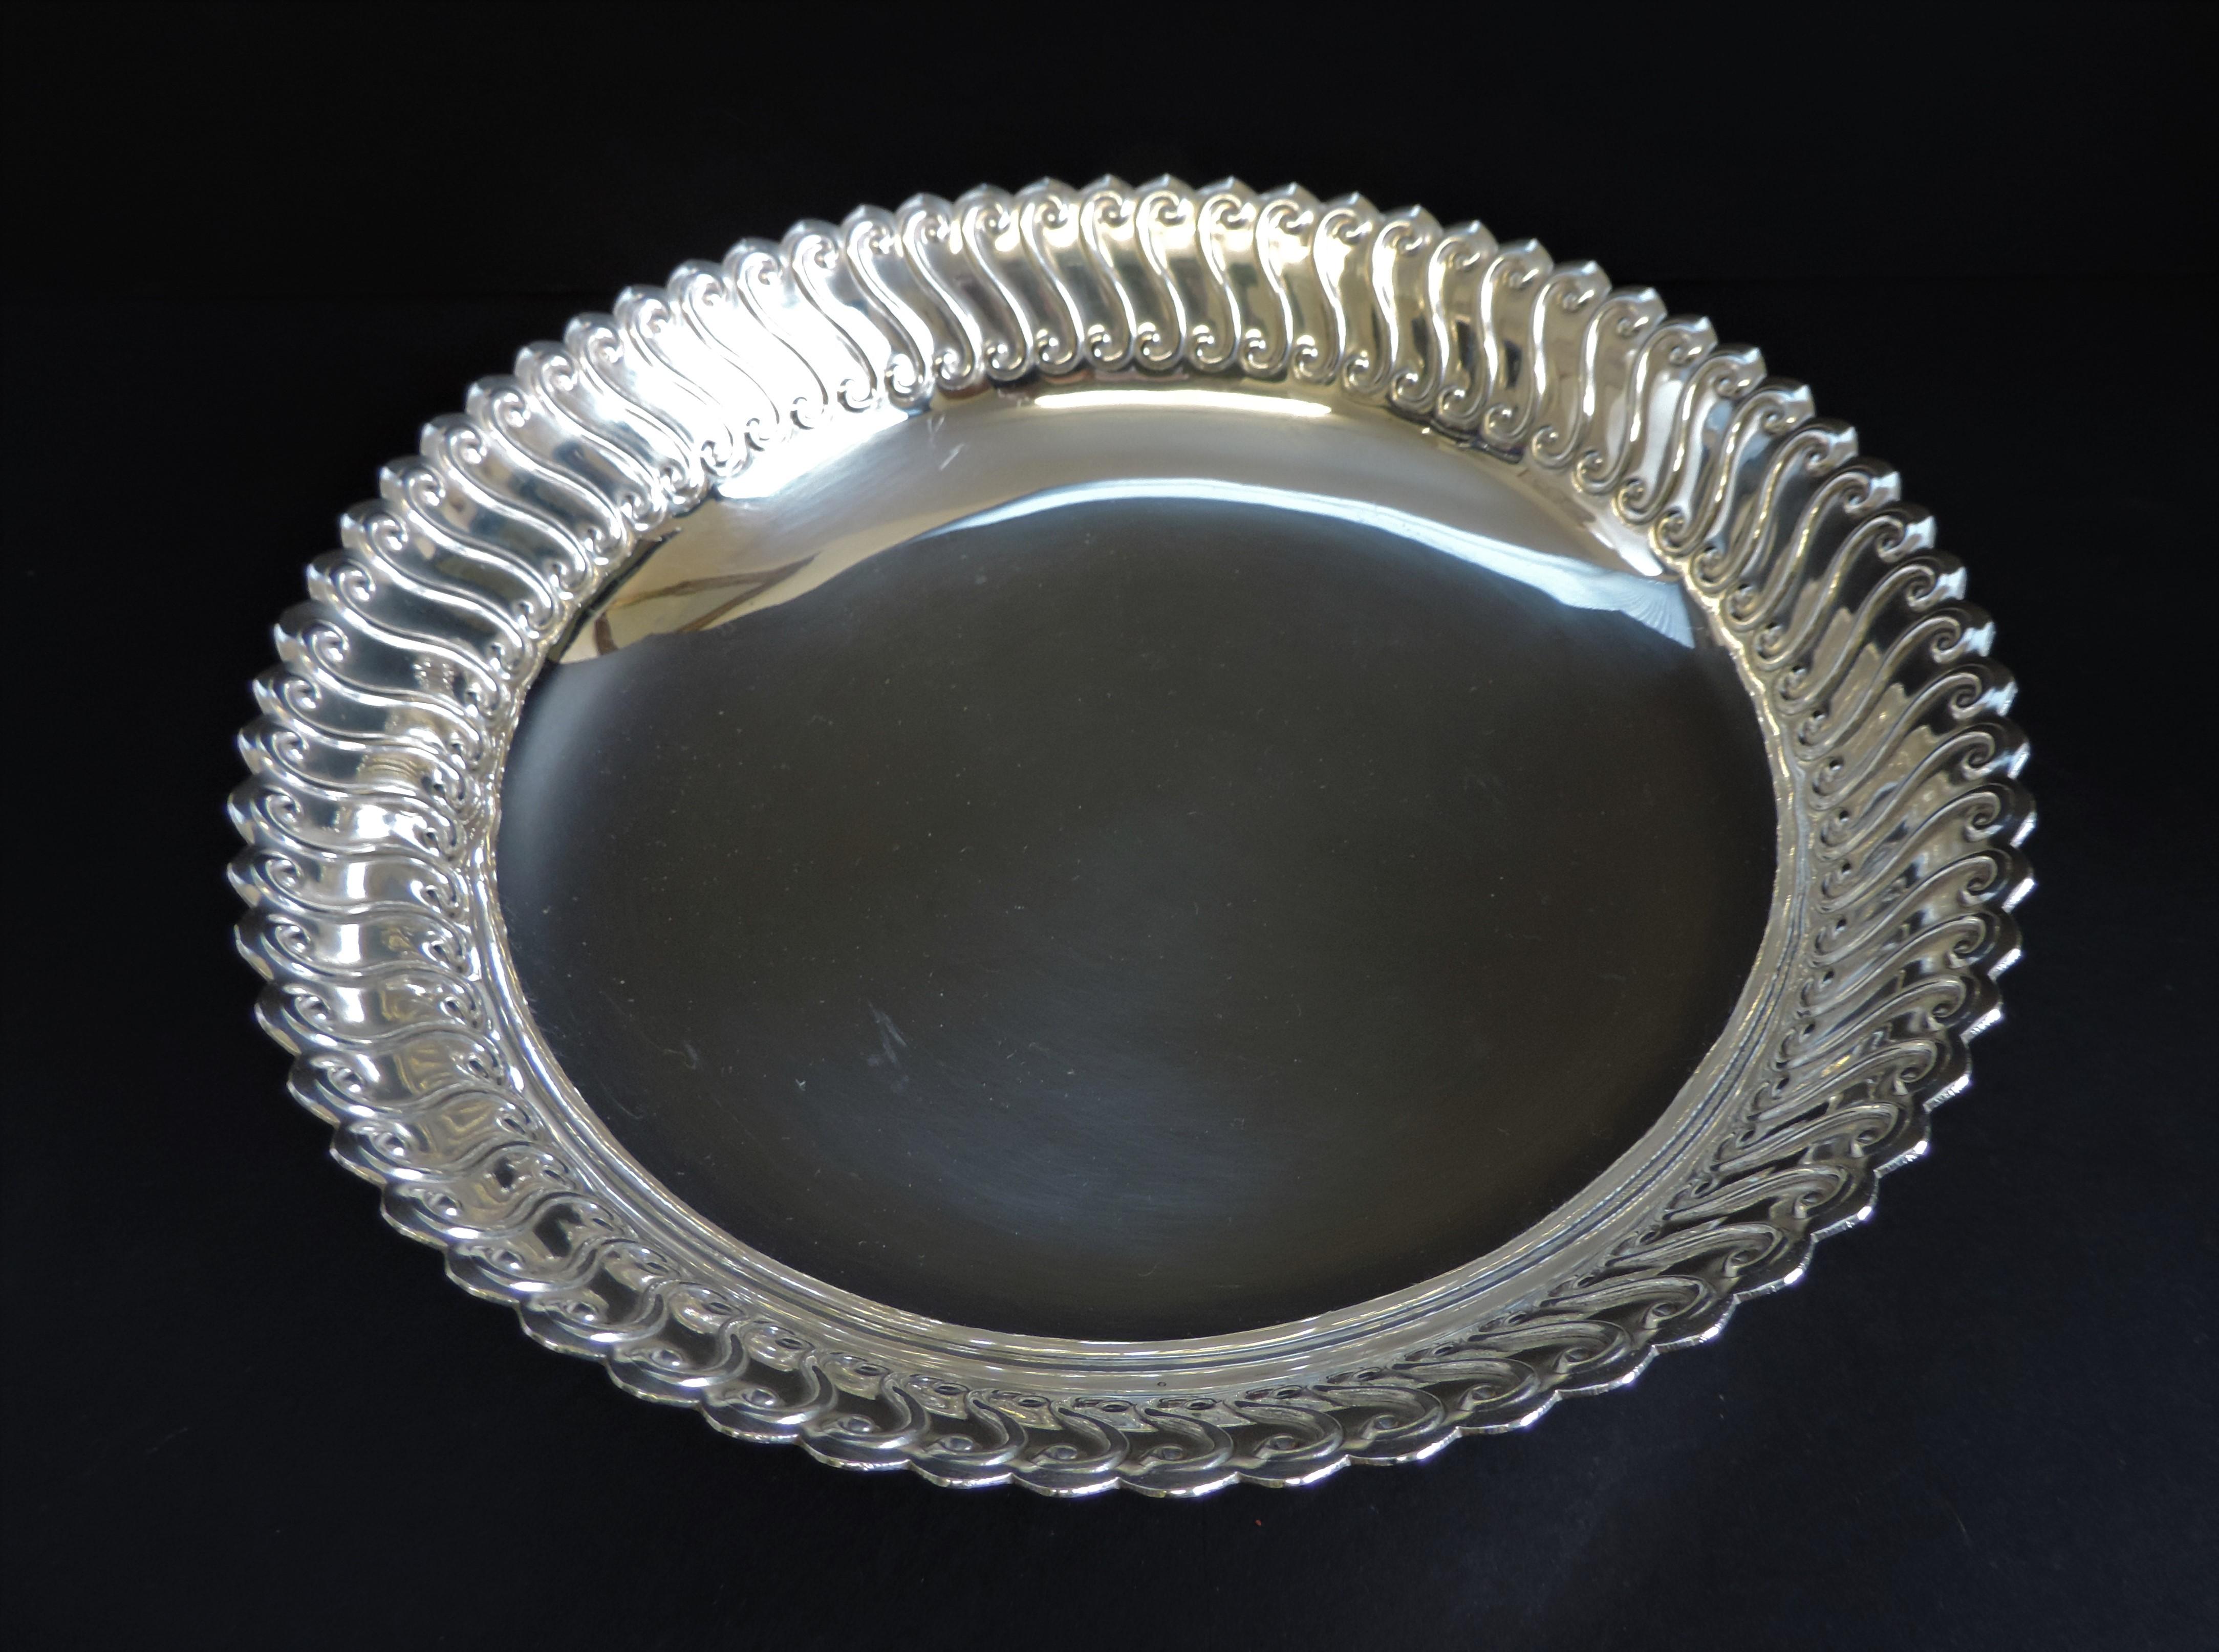 Antique Art Nouveau Silver Plated Pedestal Bowl - Image 3 of 4